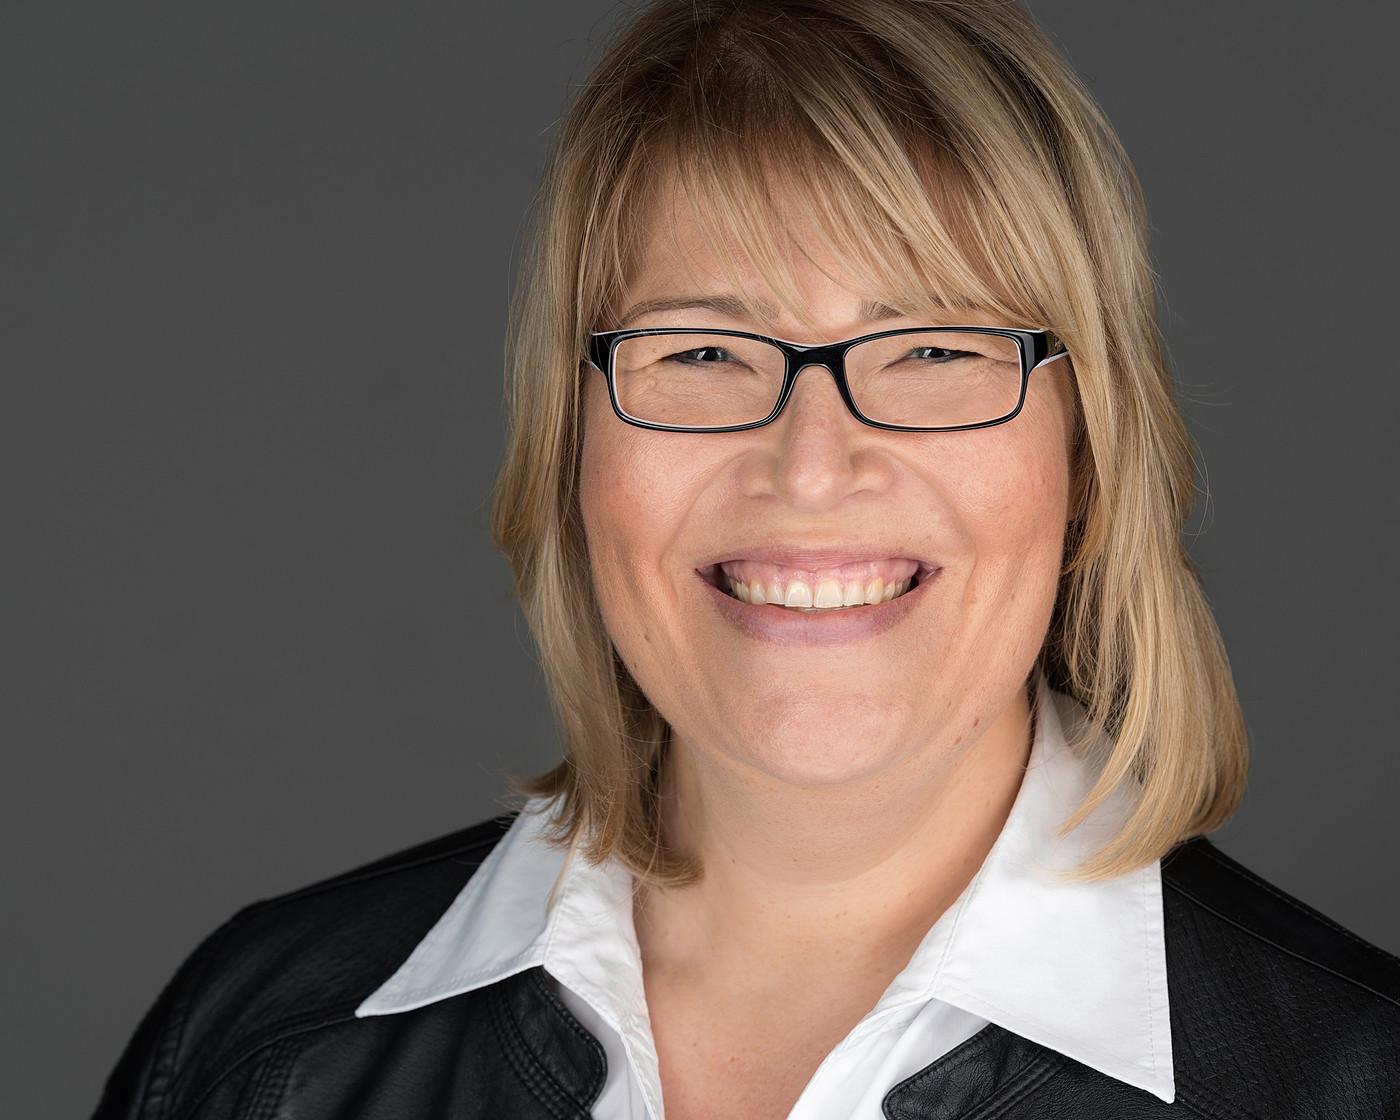 Was ist ein professionelles Bewerbungsfoto Headshot Portrait? Hier ein Bewerbungsbild Sedcardfoto eines Mannes